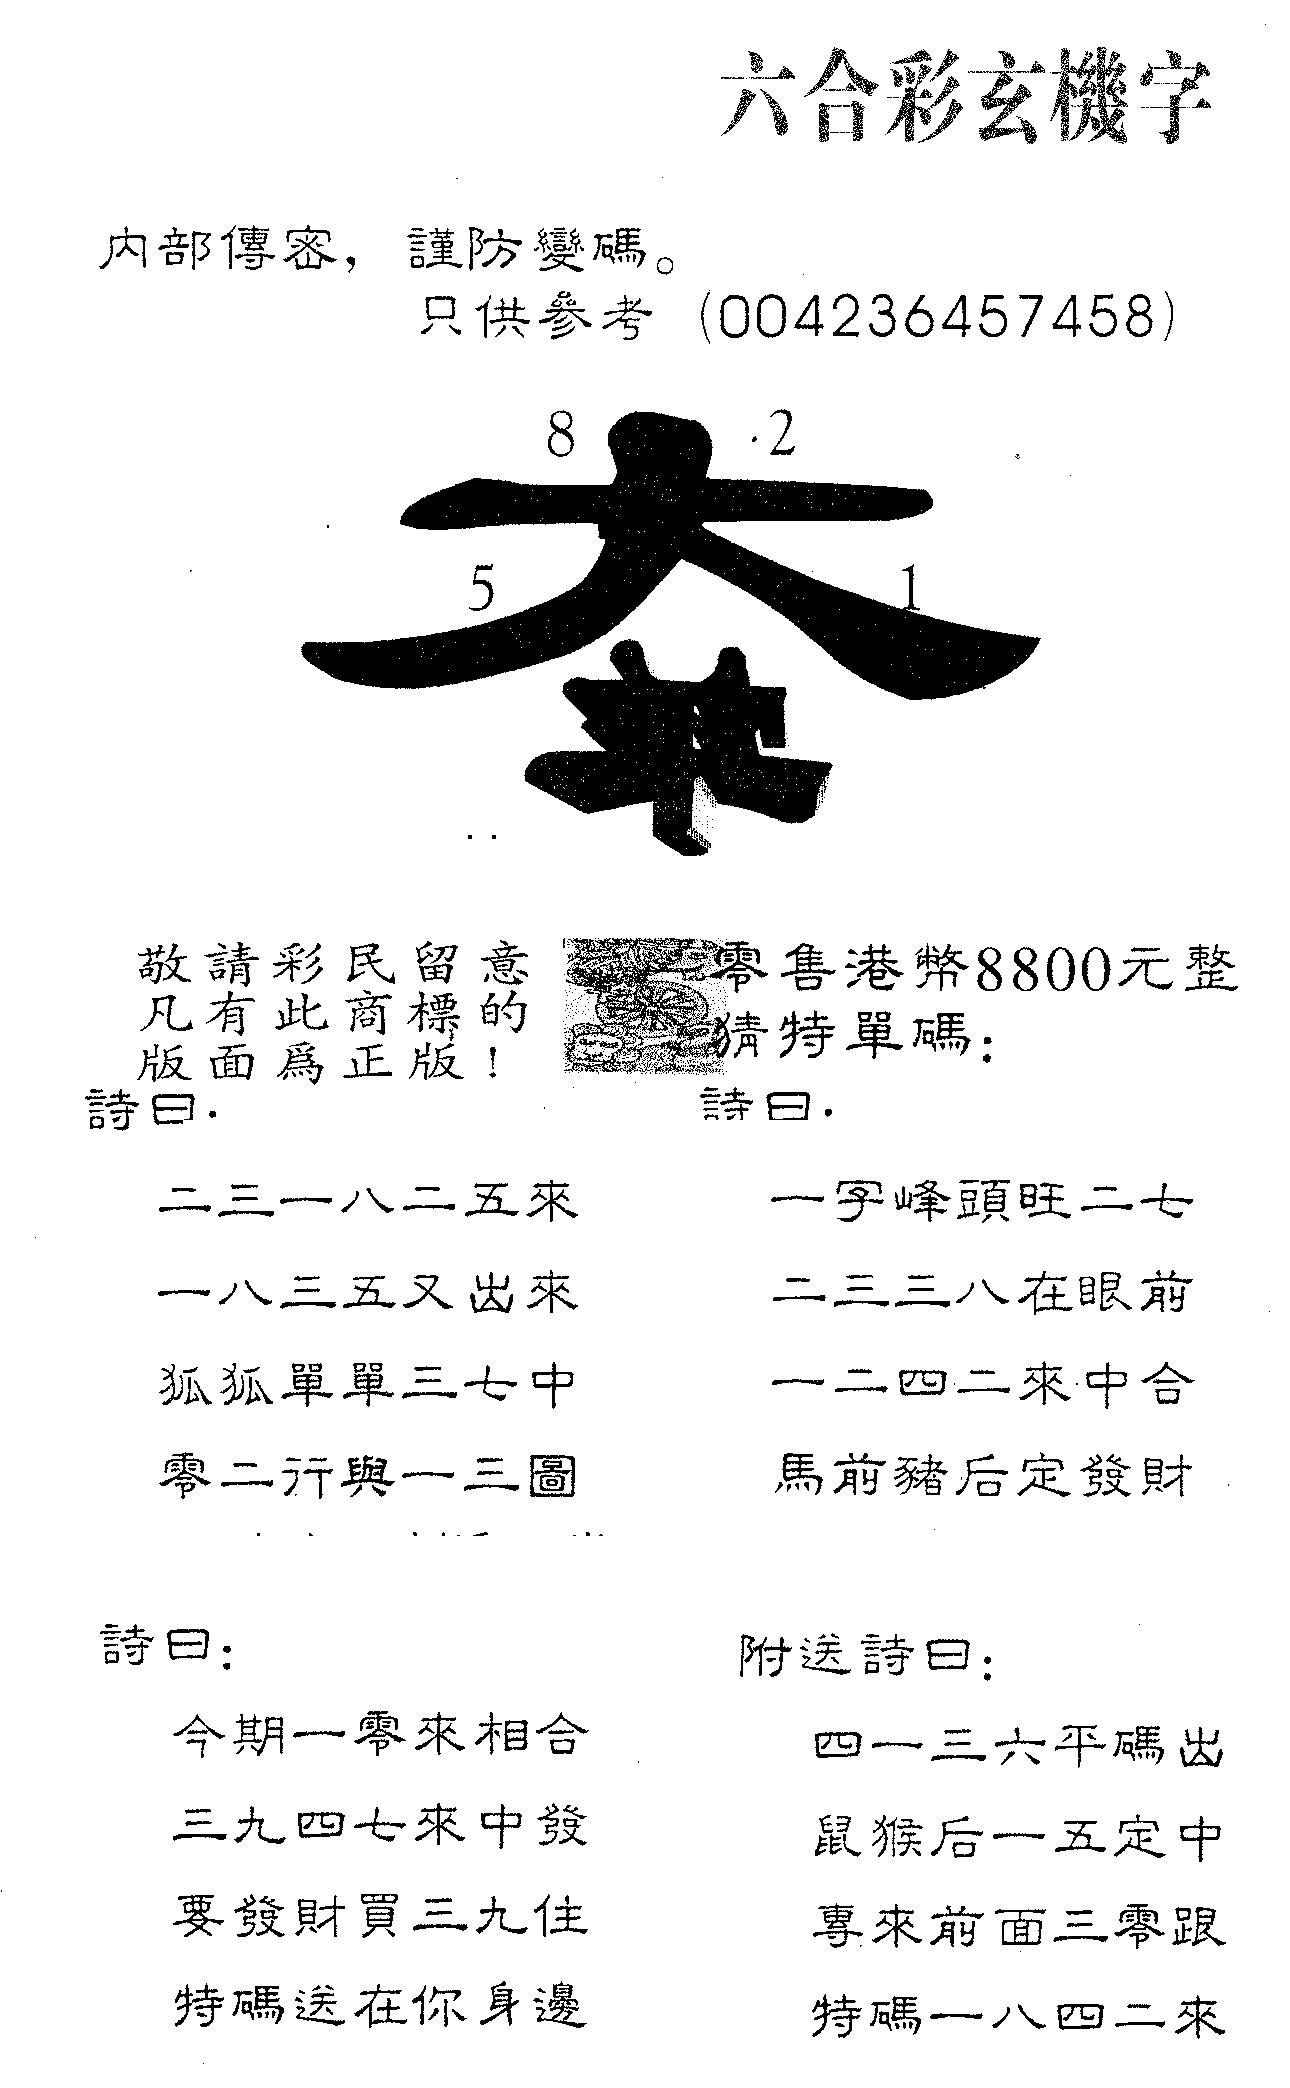 047期玄机字8800(黑白)